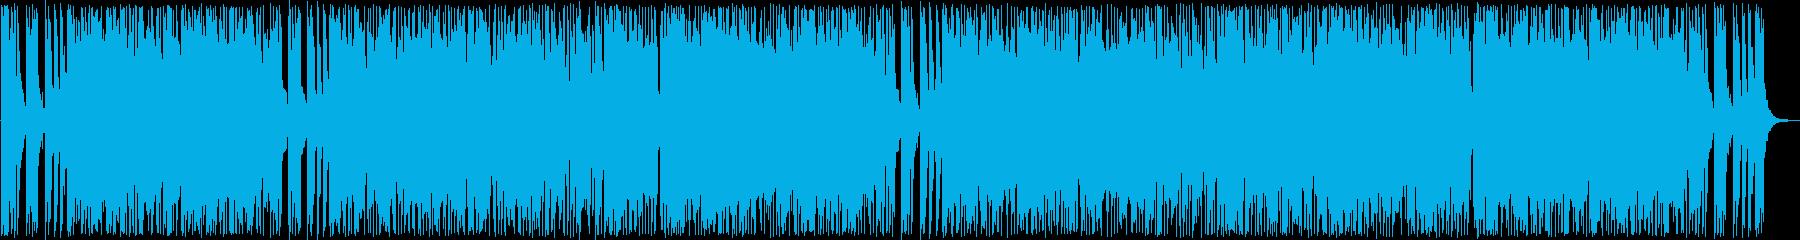 落ち着いたテンポのポップス曲の再生済みの波形